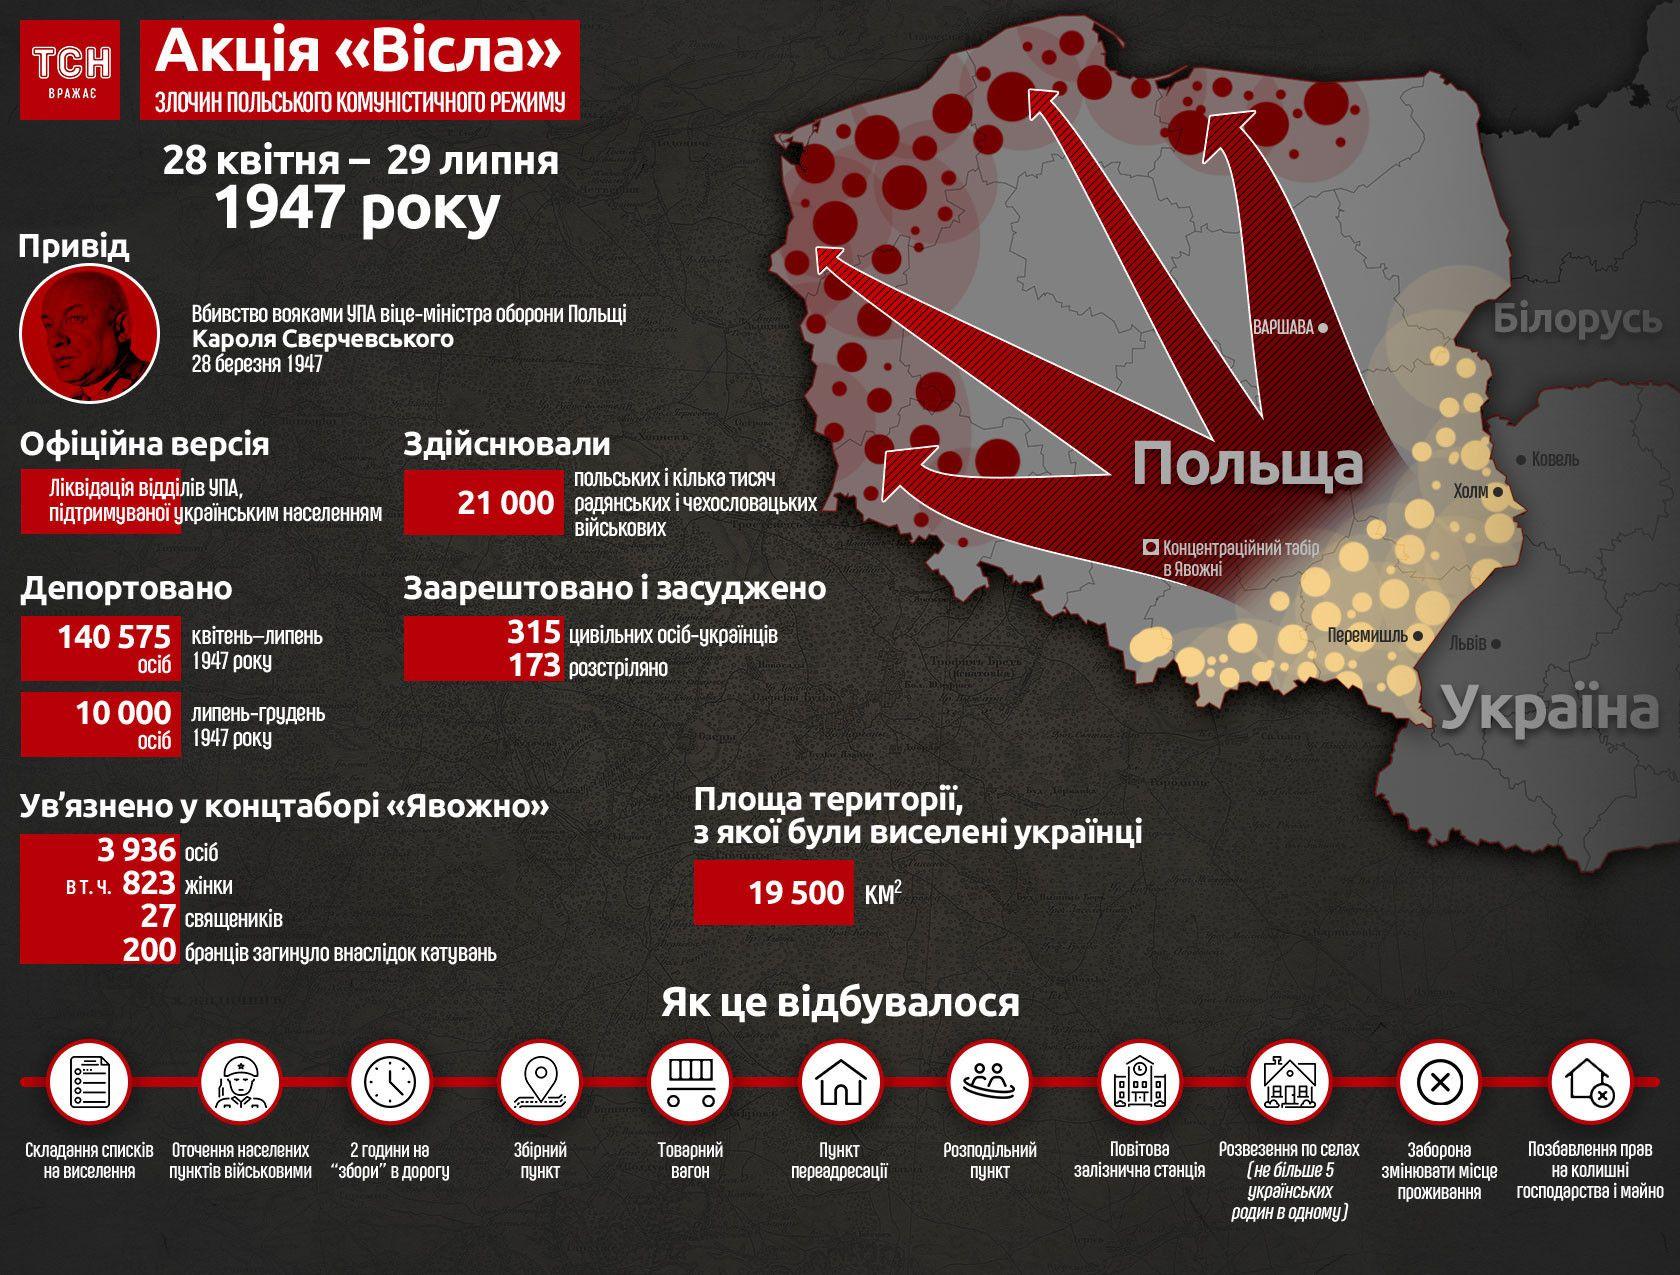 Польша чрезмерно политизирует тему противостояния с Украиной в годы Второй мировой войны, - Вятрович - Цензор.НЕТ 1841